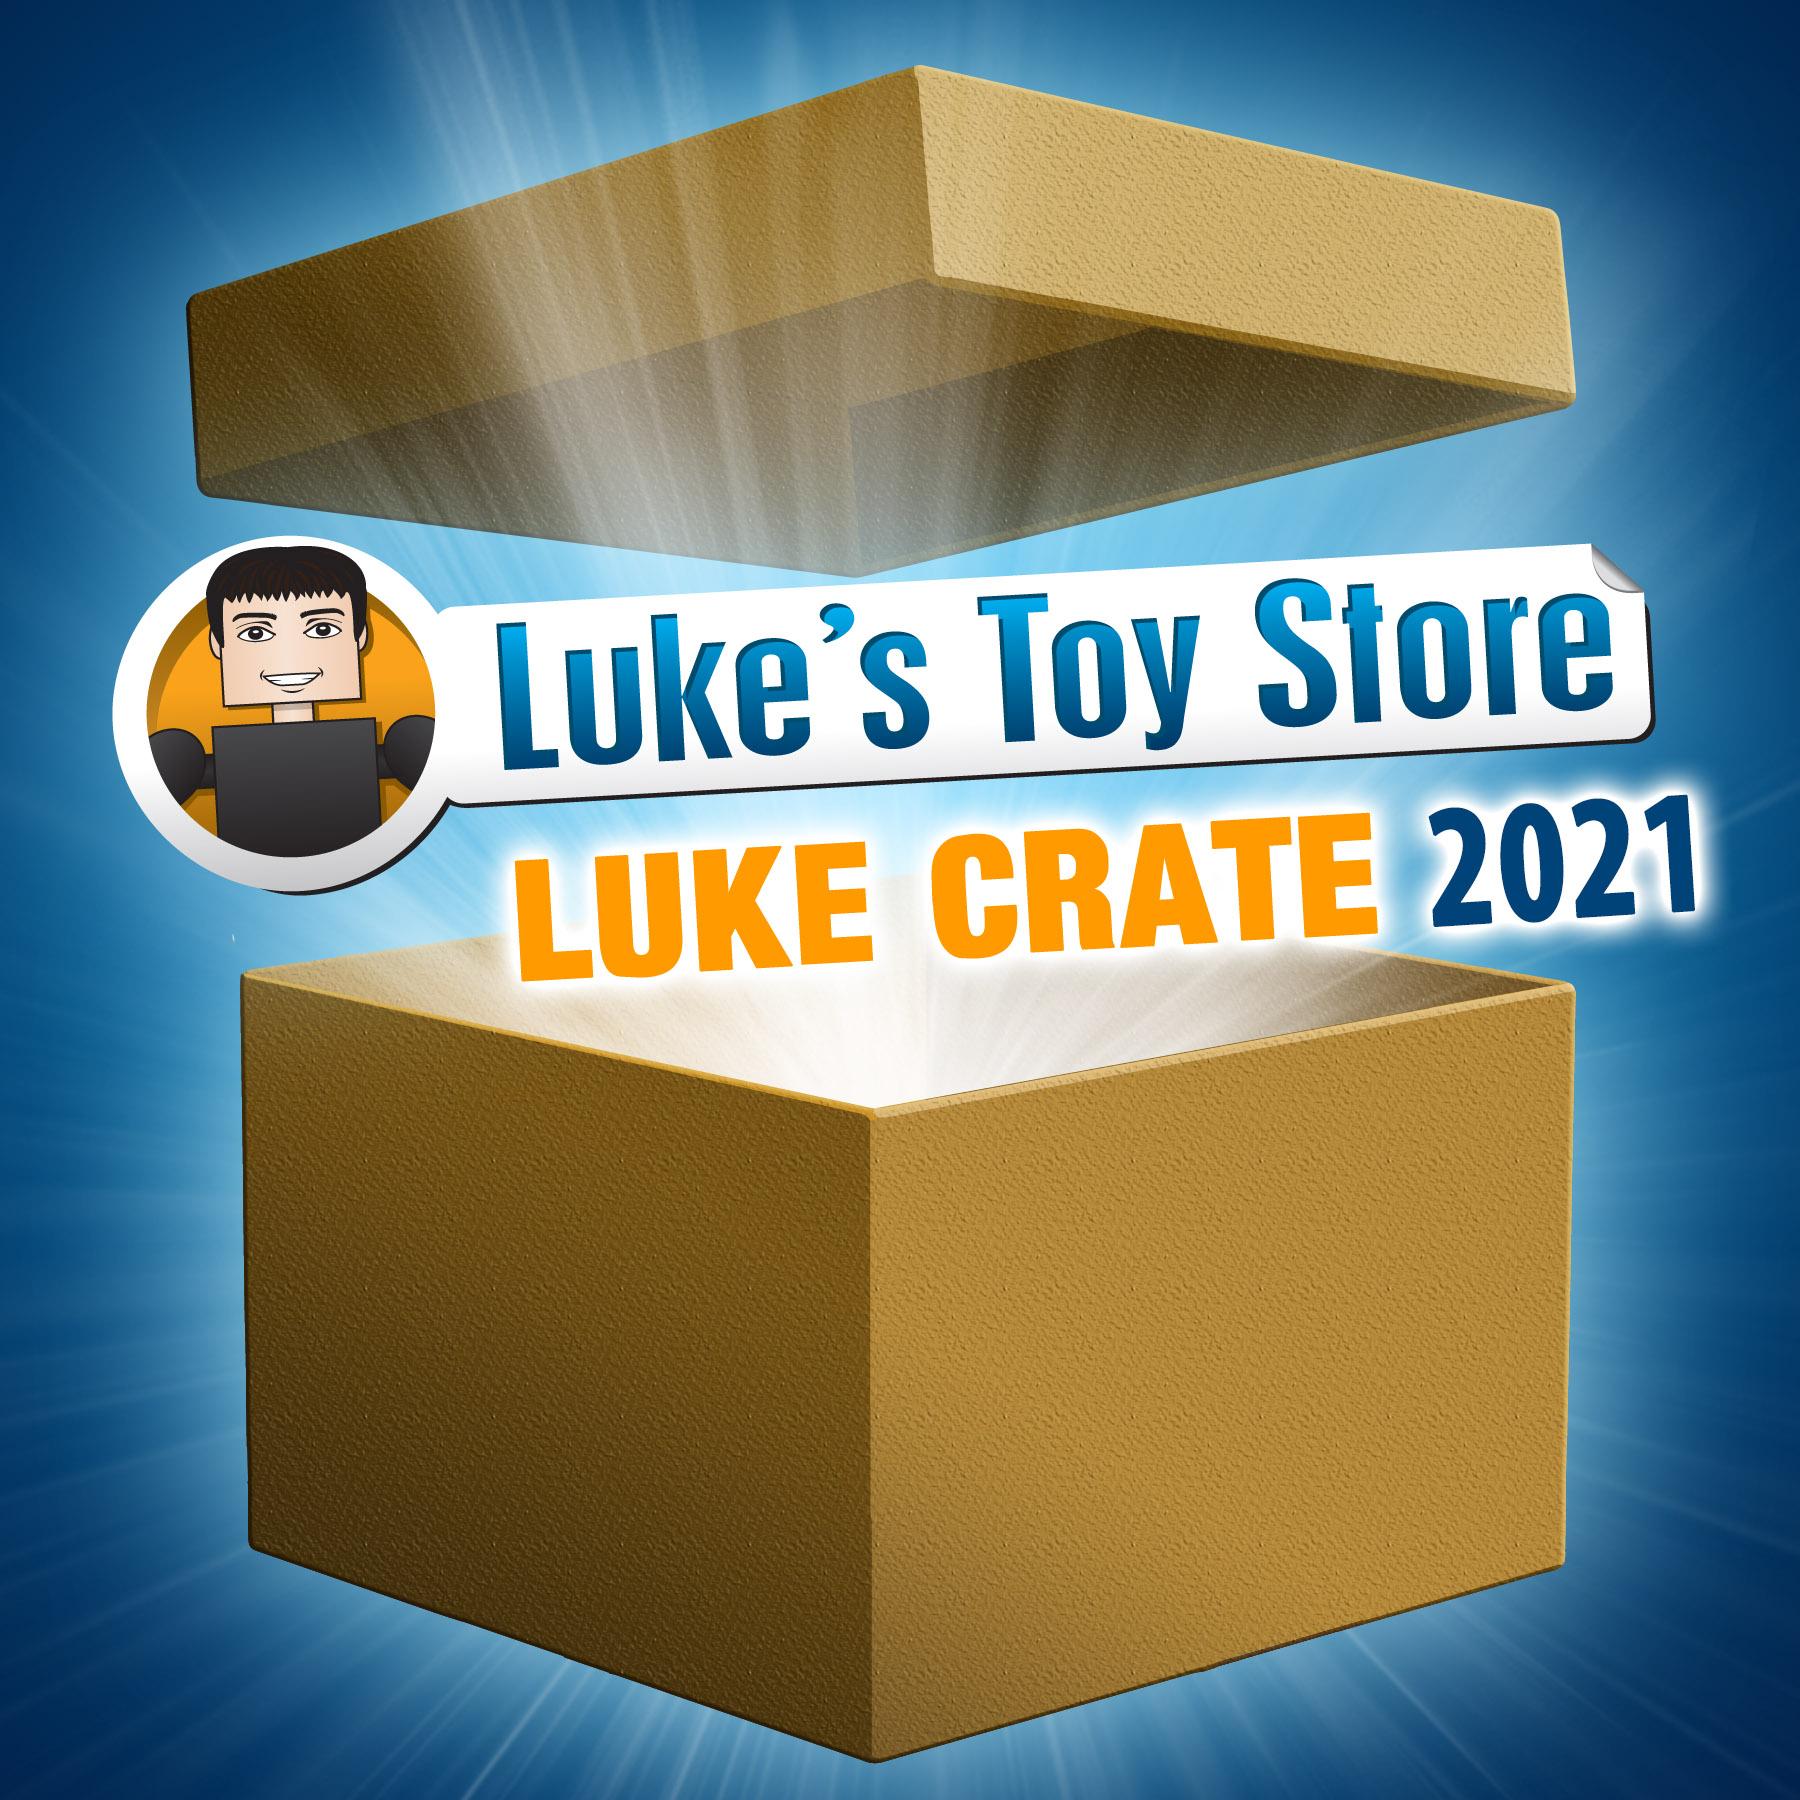 Luke Crate 2021 Mystery Box